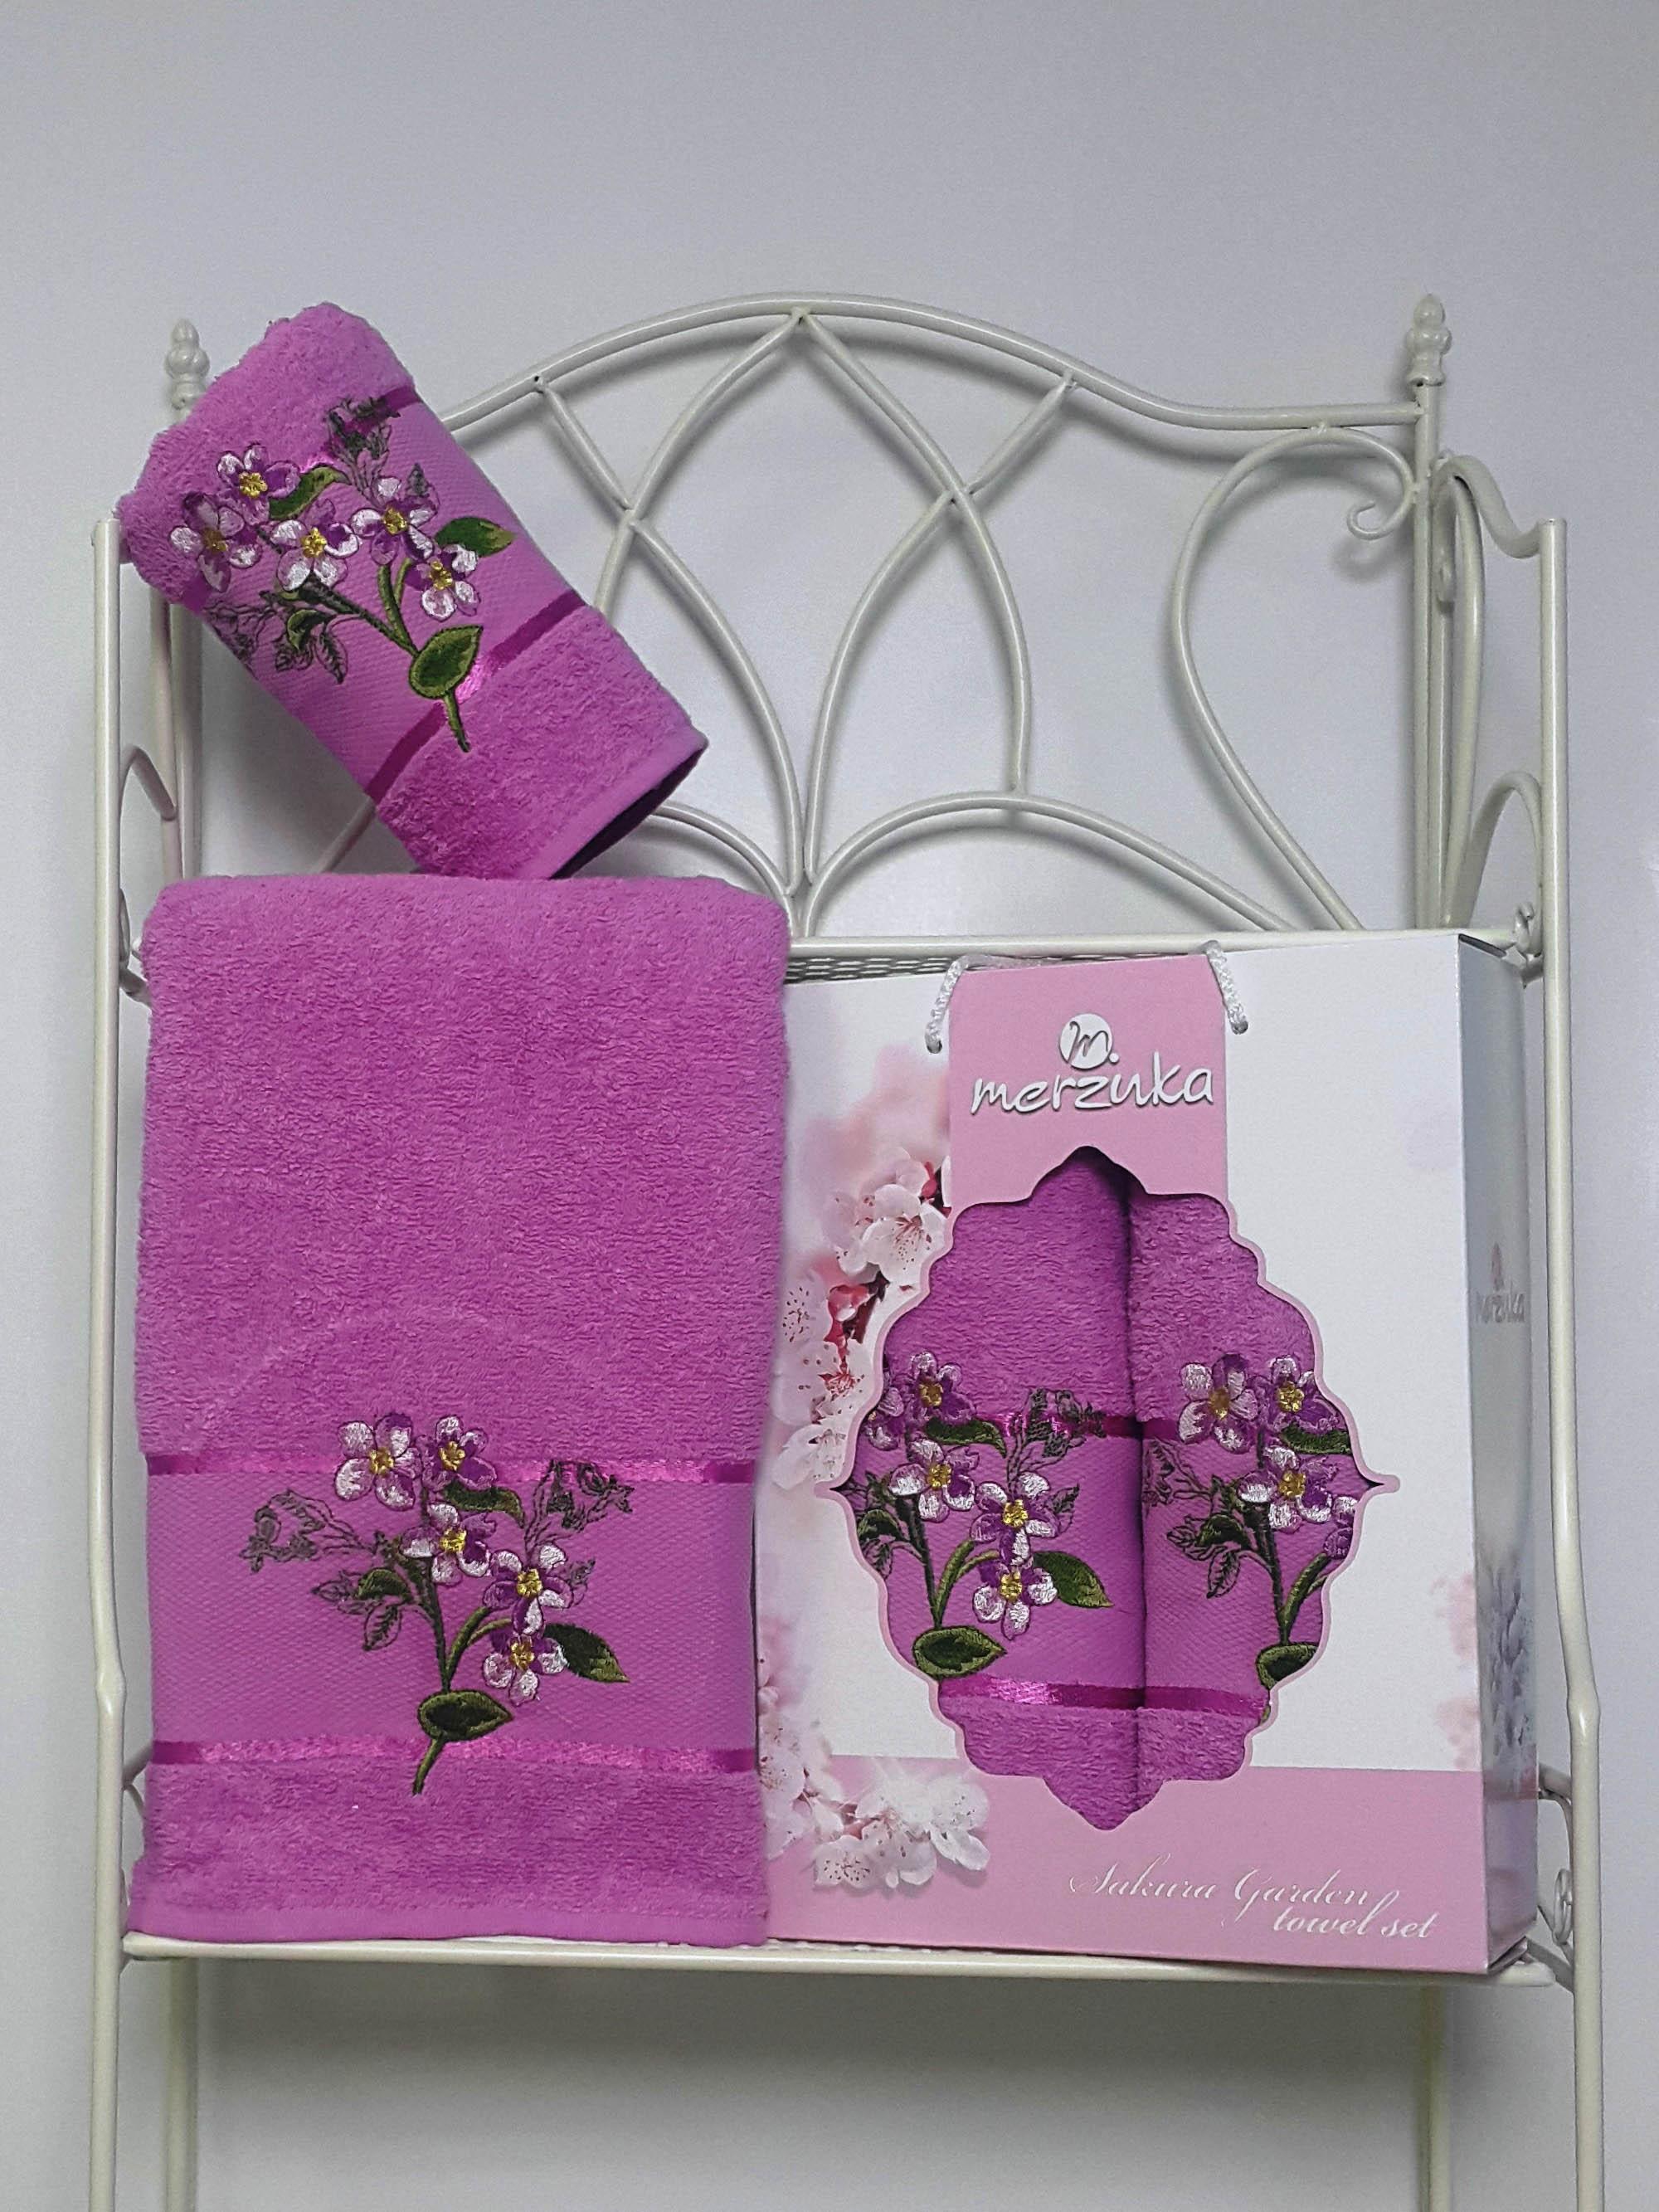 Полотенца Oran Merzuka Набор из 2 полотенец Sakura Garden Цвет: Светло-Лиловый полотенца oran merzuka полотенце sakura цвет светло лиловый набор